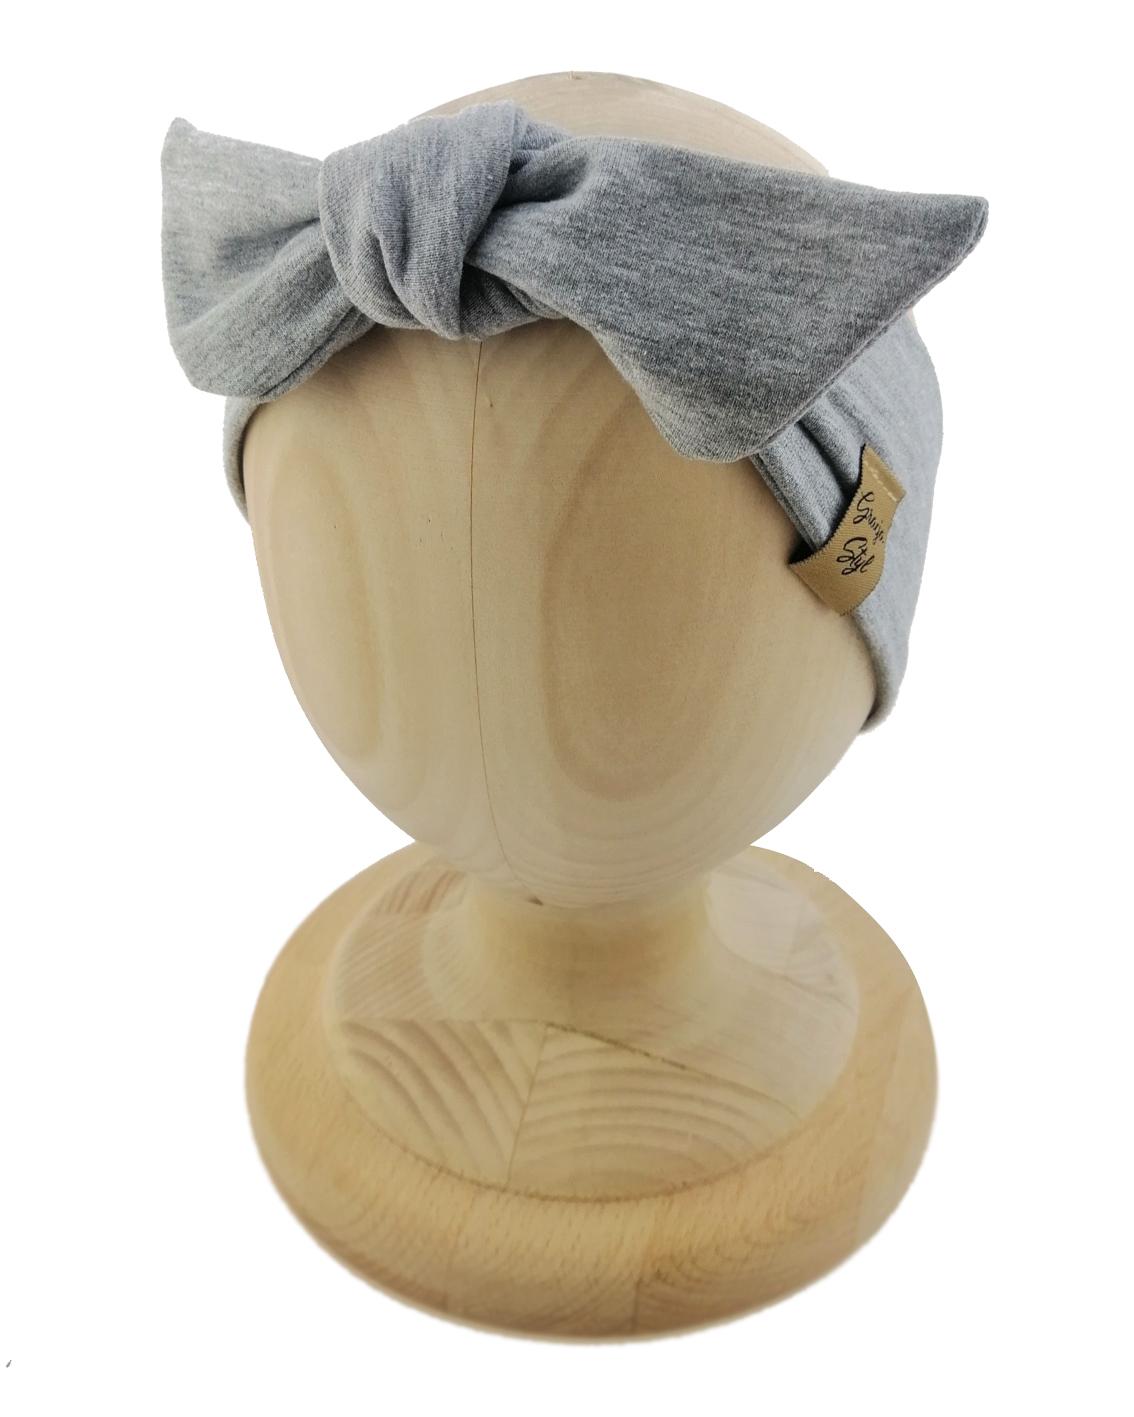 Opaska kobieca typu Pin-up marki Gracja Styl. Uszyta z bawełny petelkowej typu dresówka. Kolor szary.